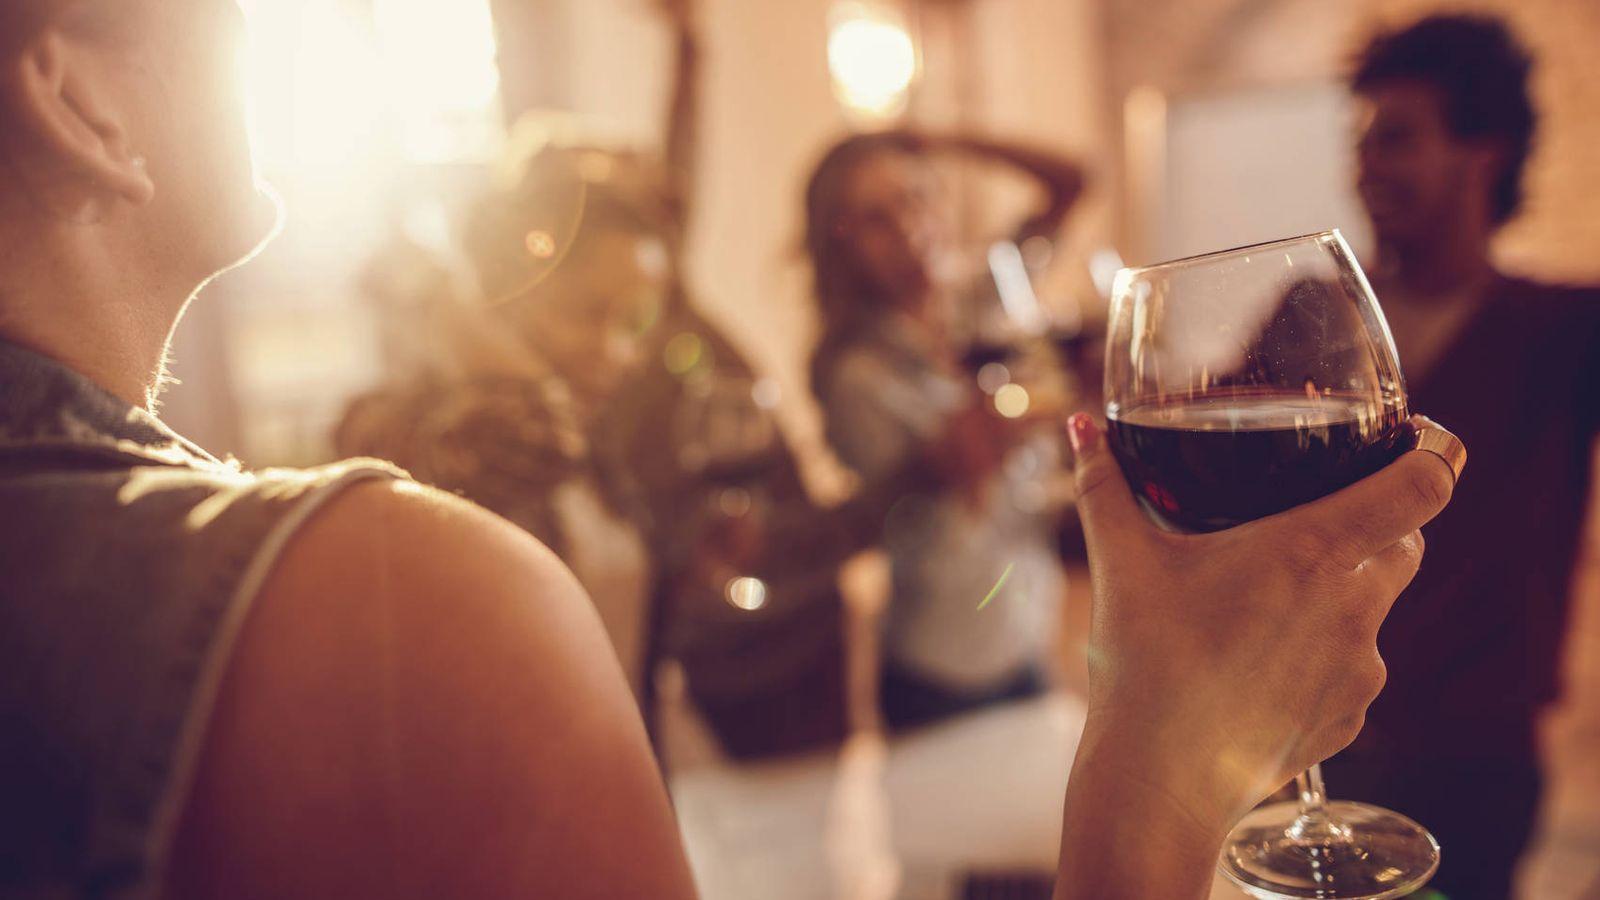 Vinos: La razón por la que nunca debes beber vino antes de la cena